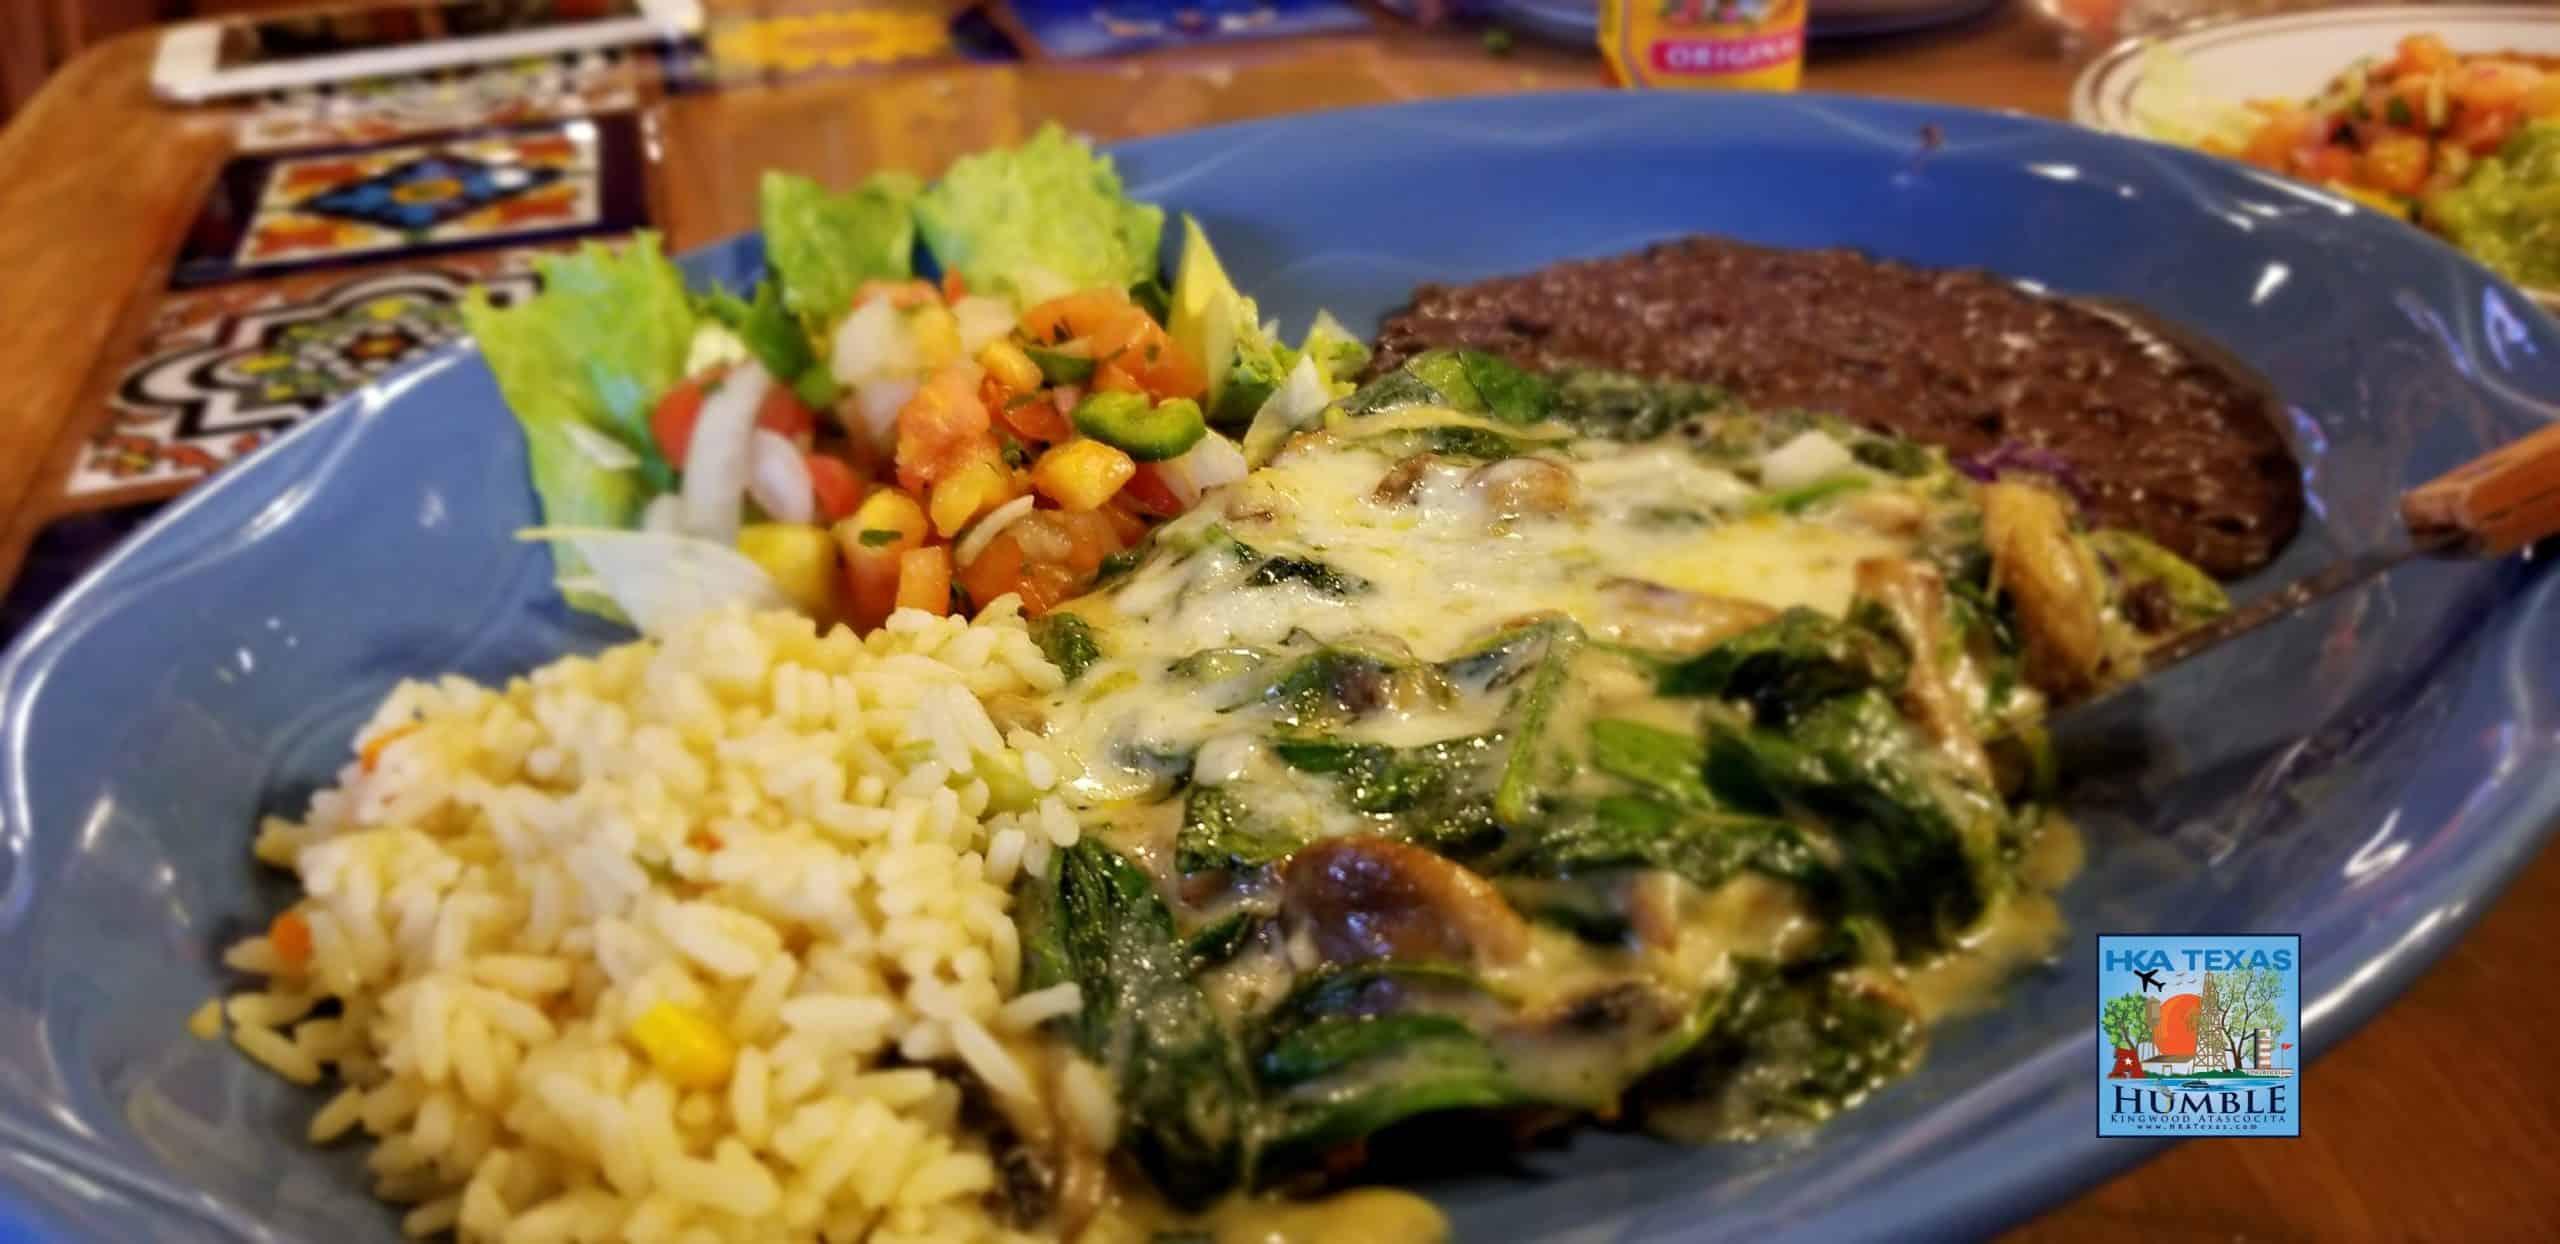 Mexican Food Kingwood Texas